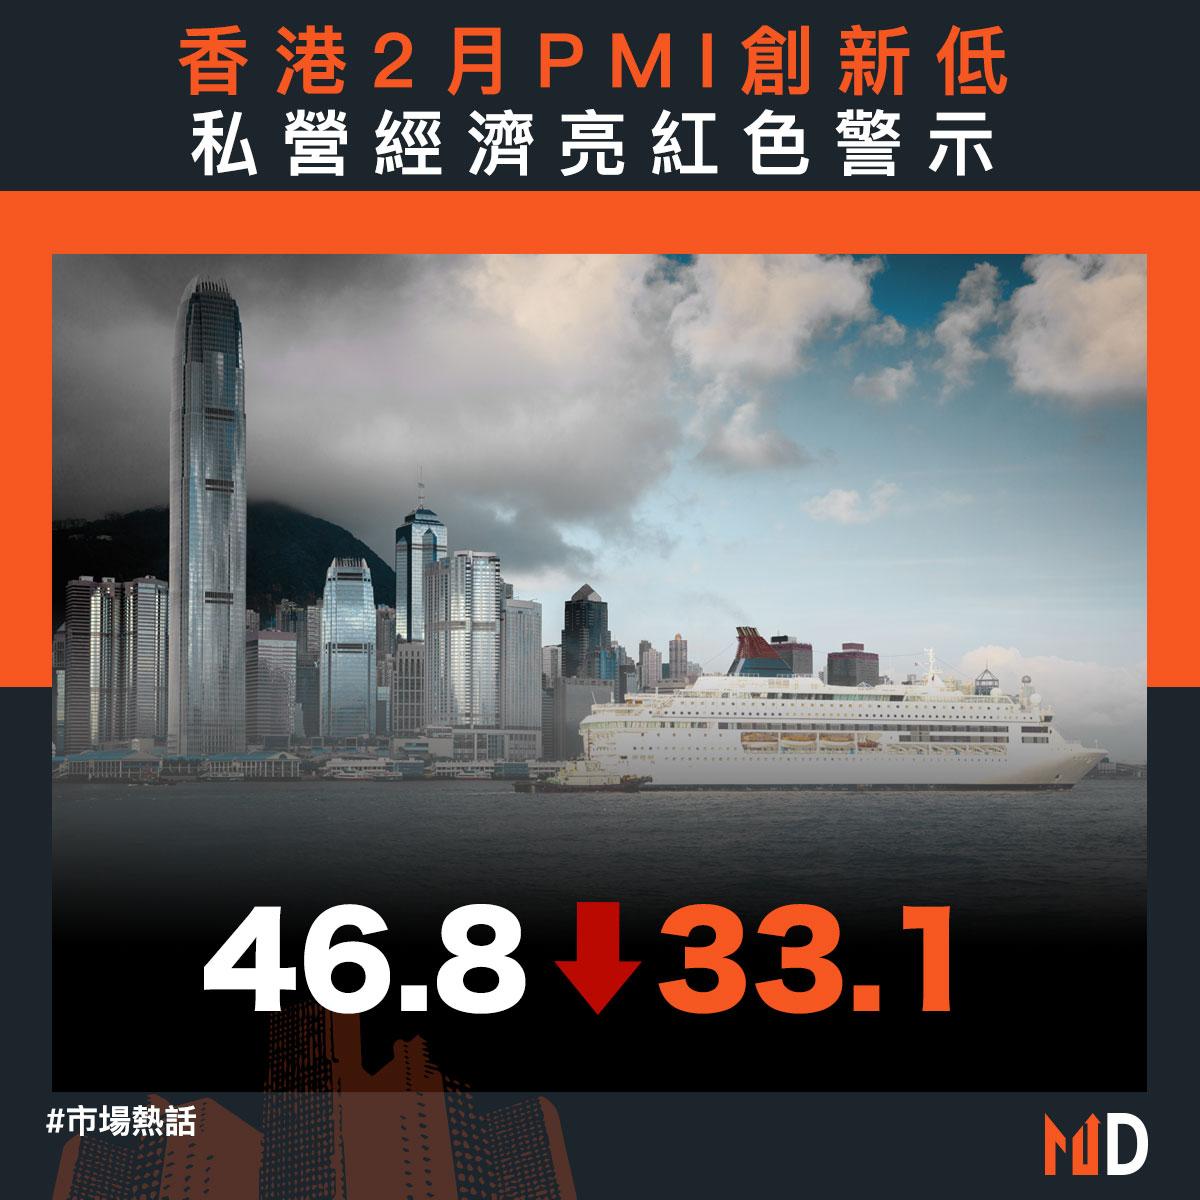 【市場熱話】香港2月PMI創新低 私營經濟亮紅色警示